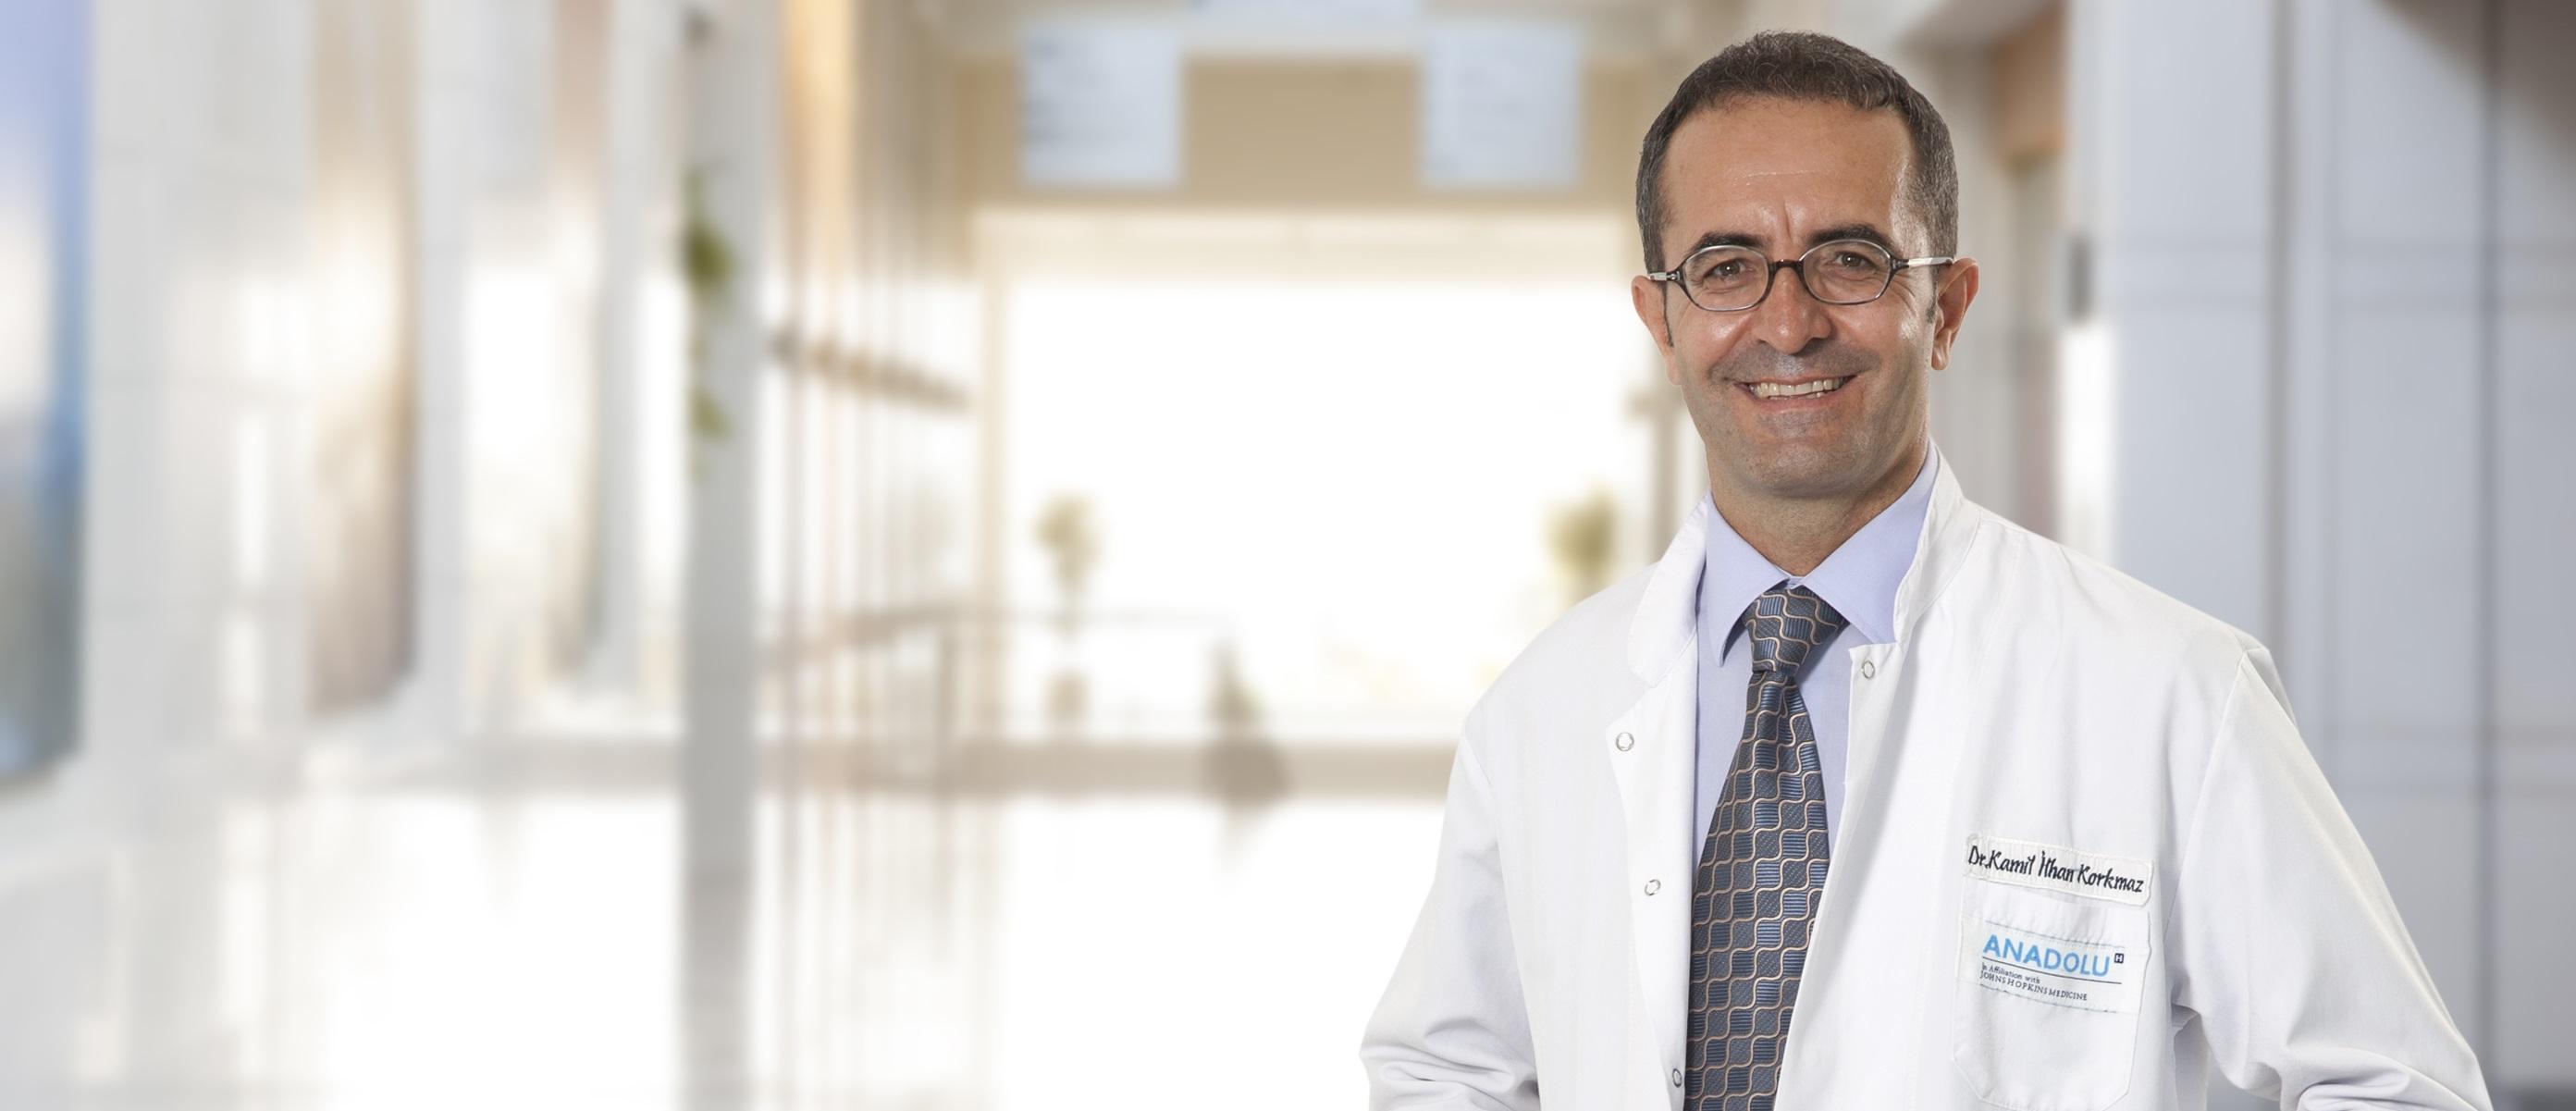 Камиль Ильхан Коркмаз — квалифицированная помощь в медицинском центре Anadolu